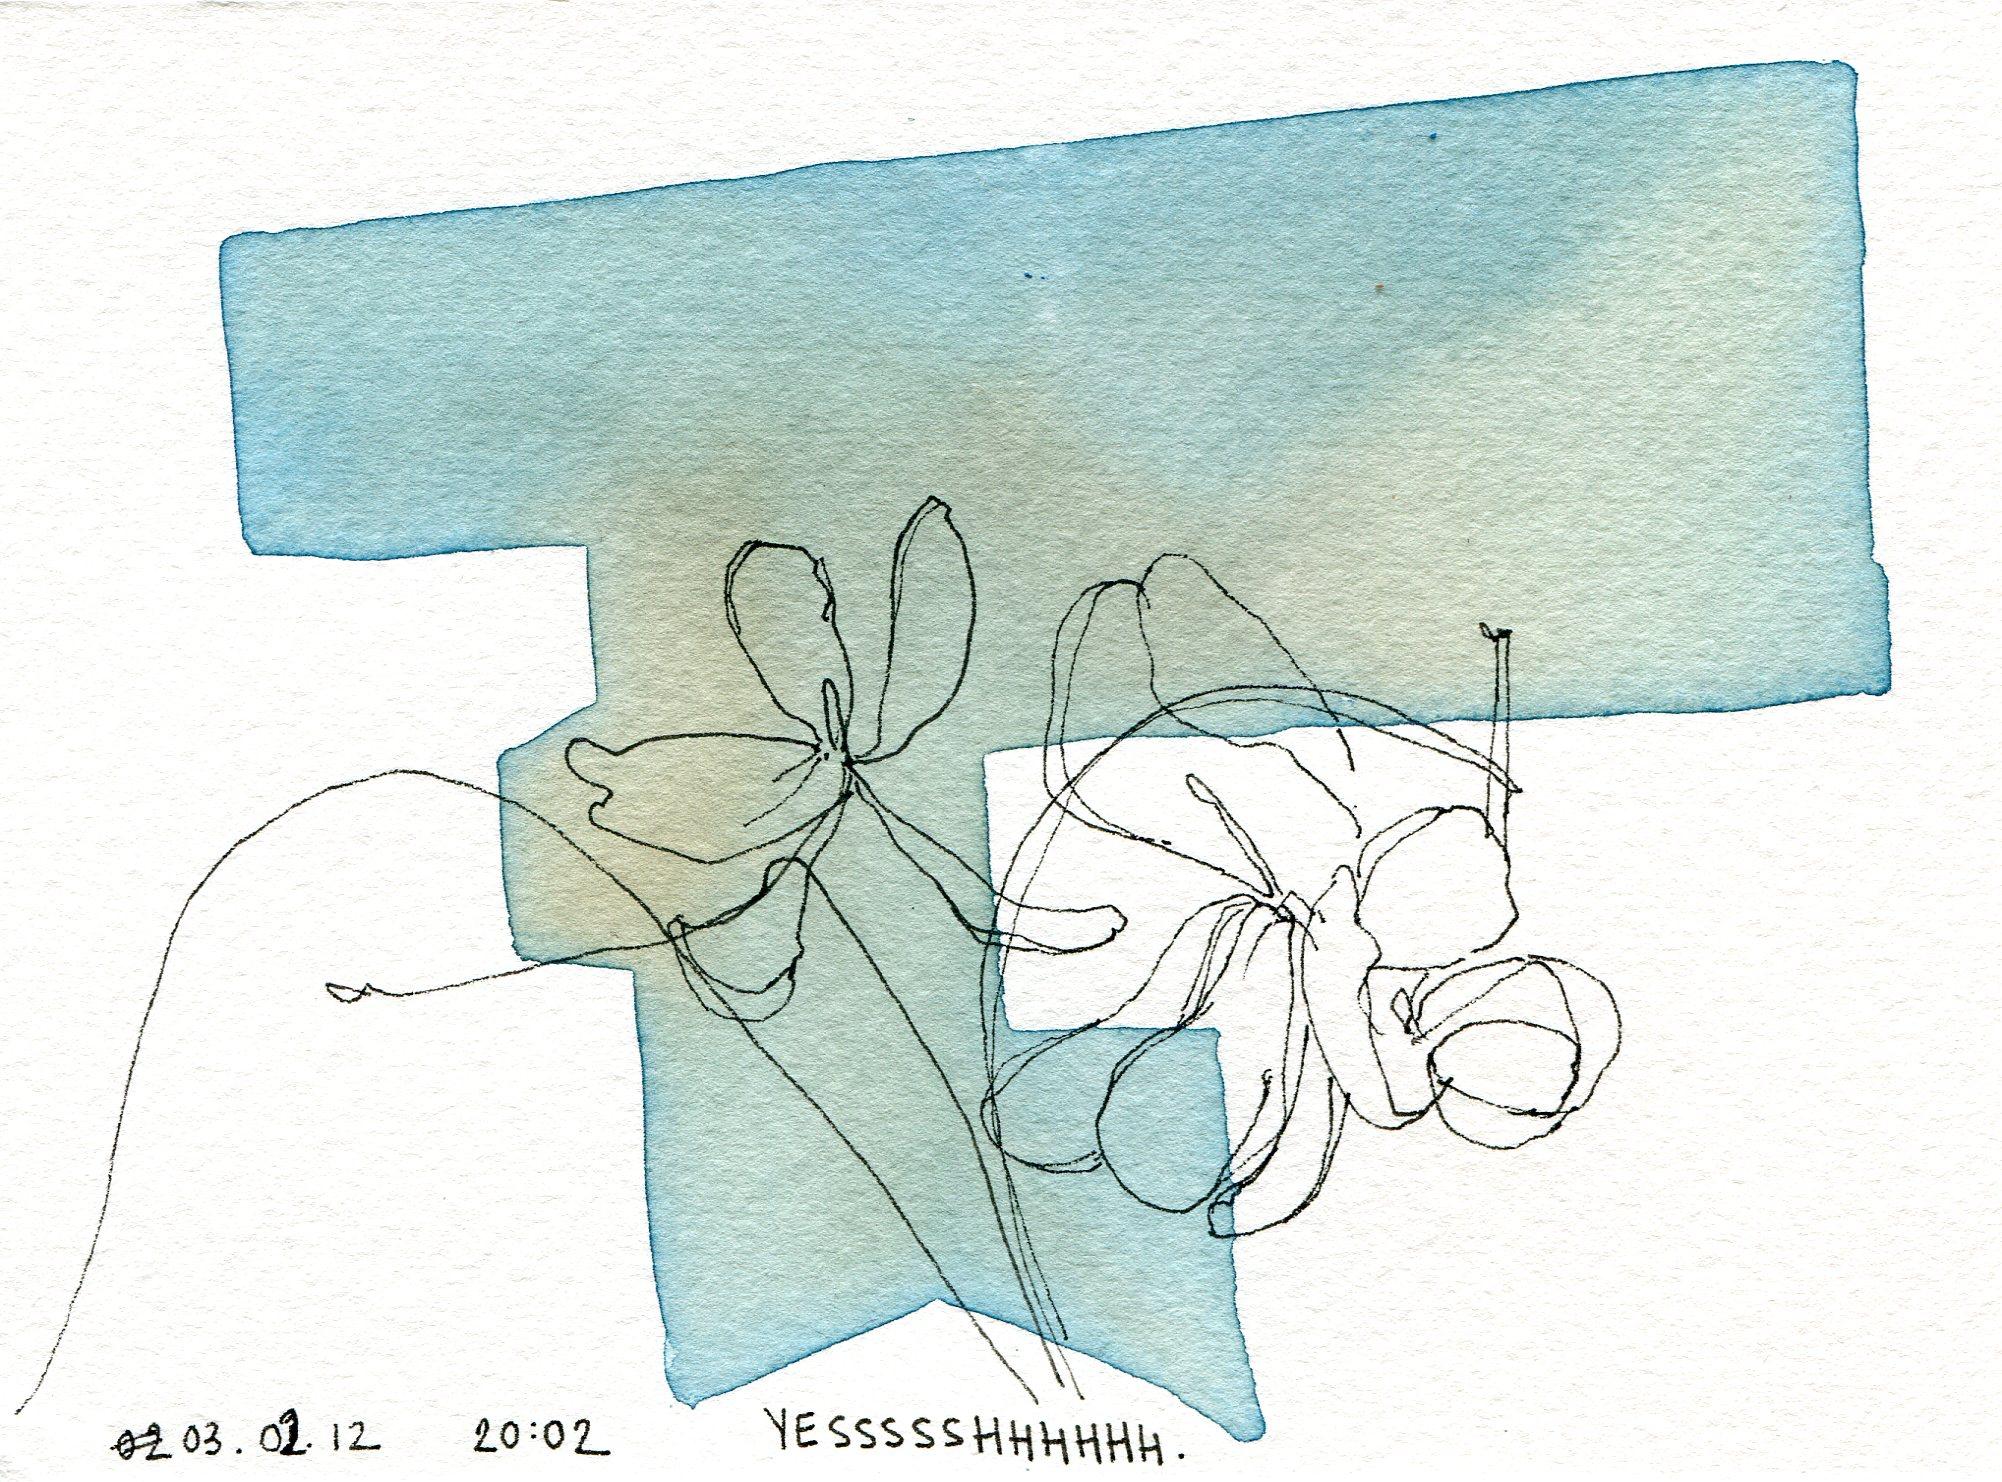 2012-03-02 drawings005.jpg